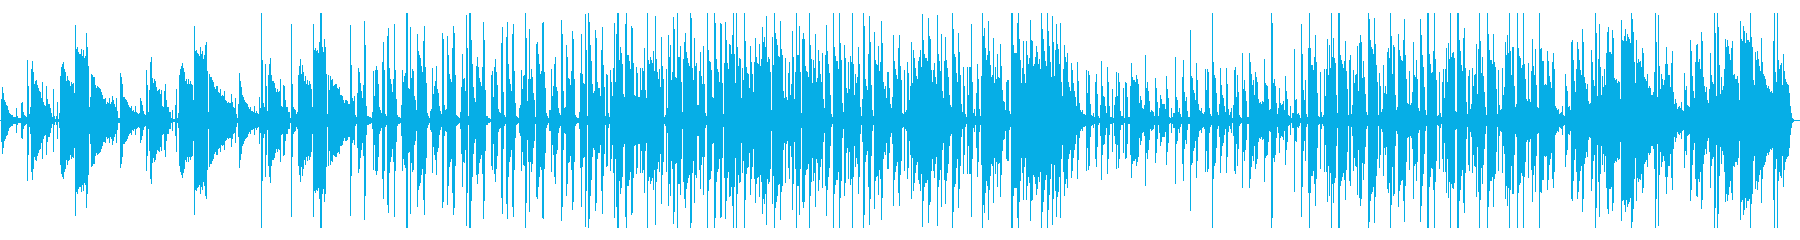 晴れの日に聞きたいファンキーギターチューの再生済みの波形